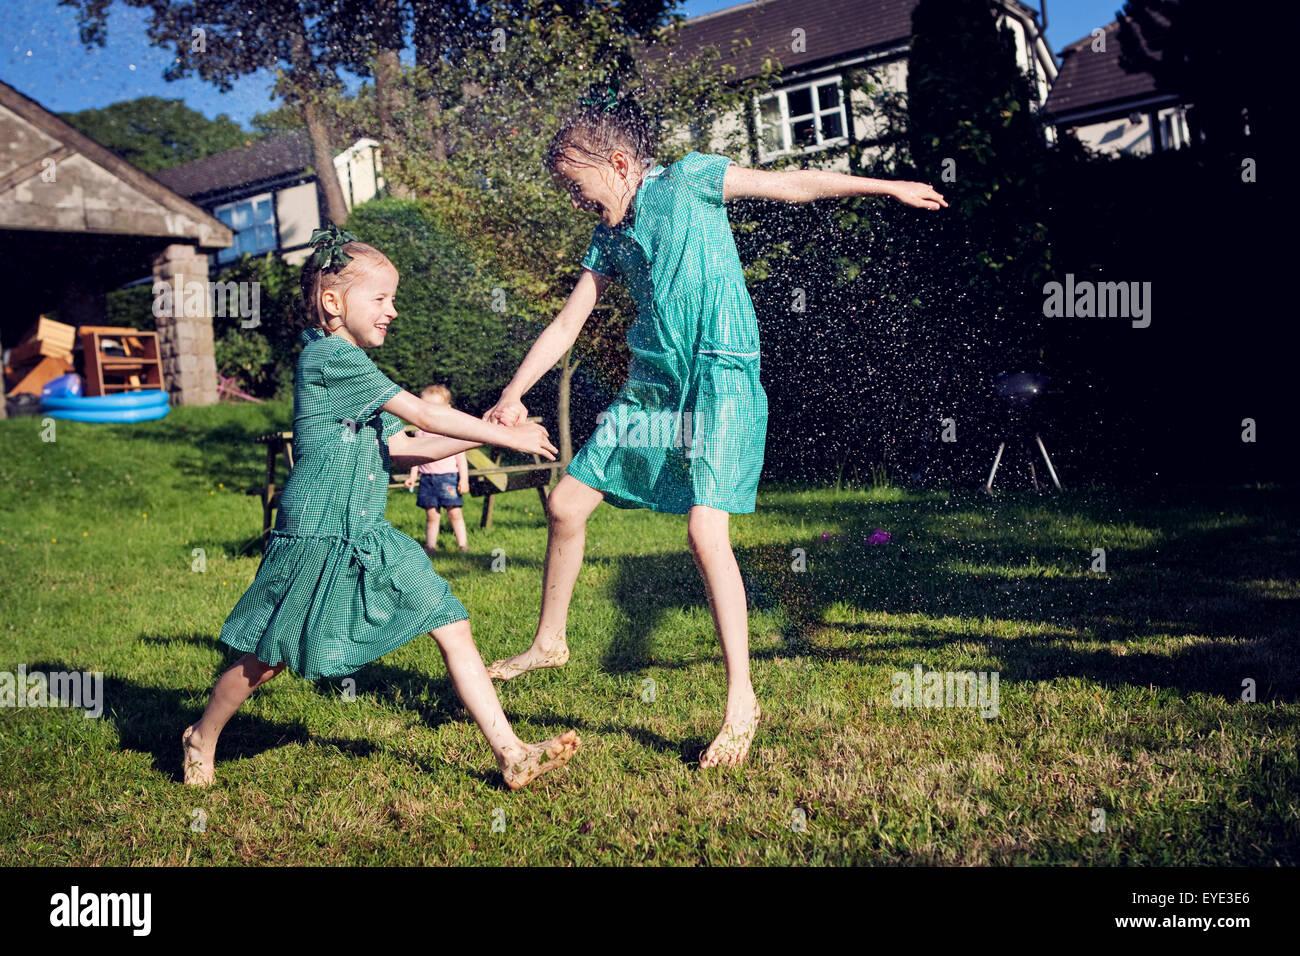 Due bambini nella scuola abiti estivi, in esecuzione attraverso un soffione di erogazione dell'acqua. Immagini Stock